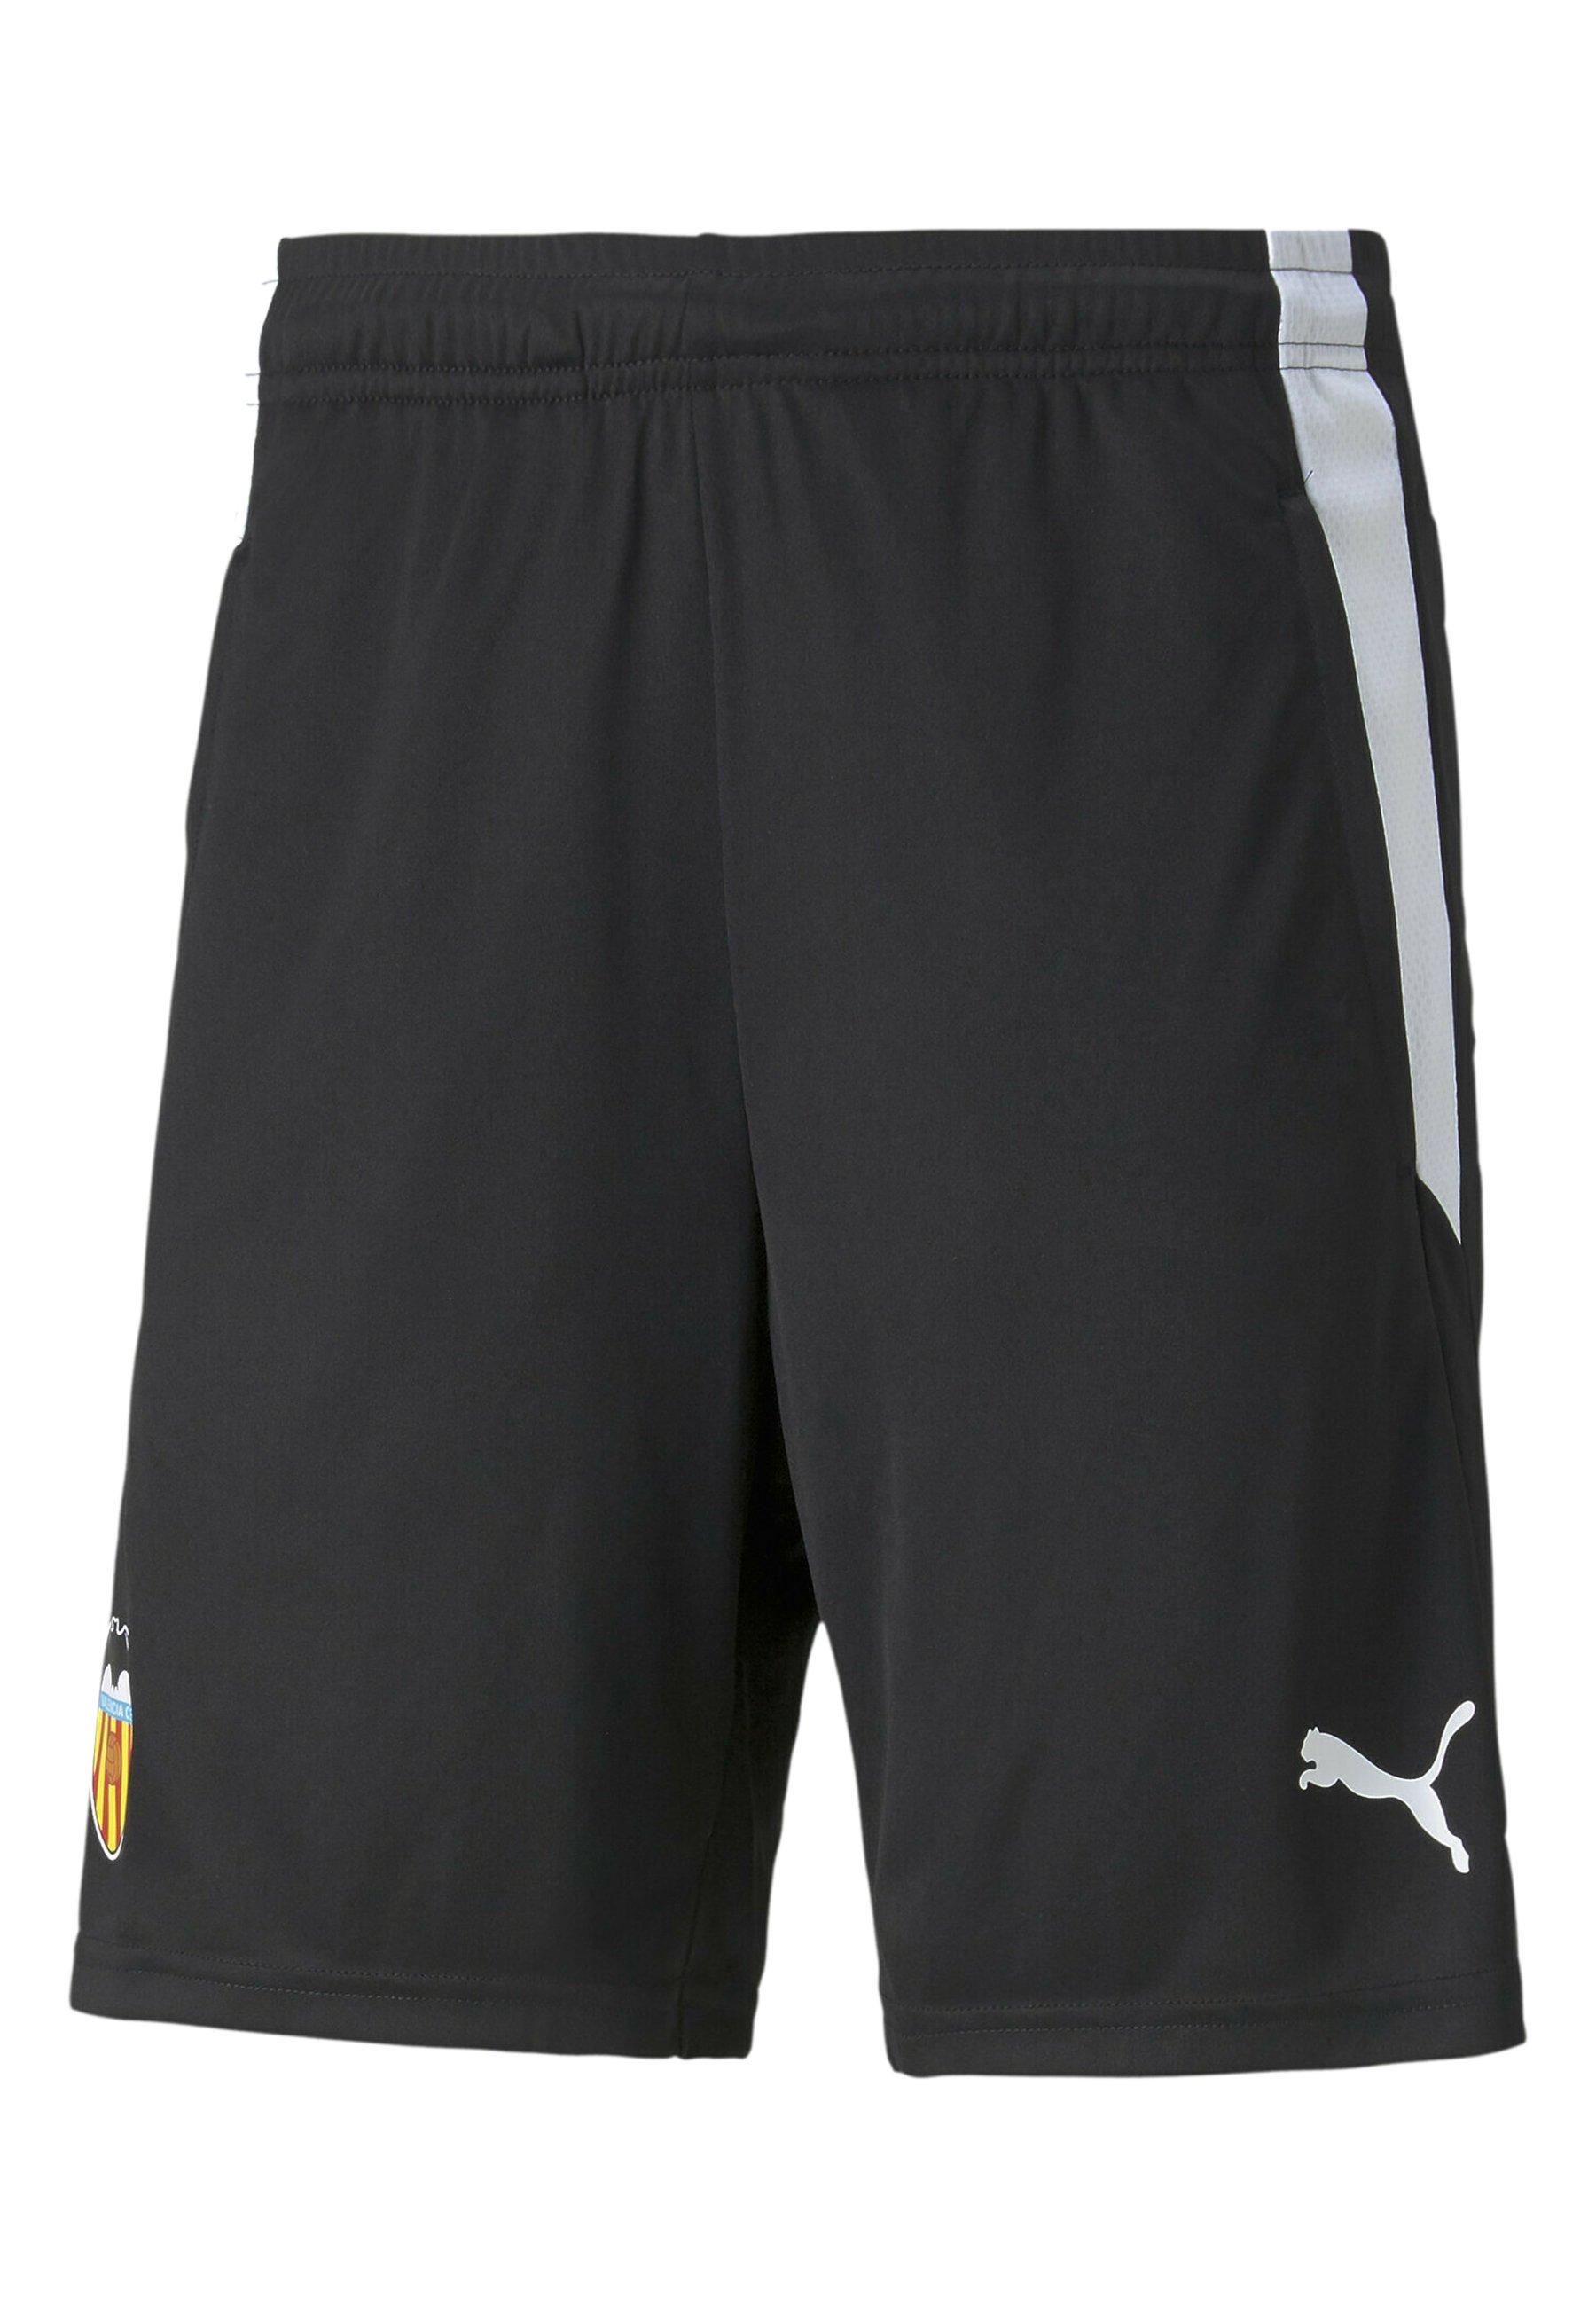 Herren VALENCIA CF FOOTBALL - kurze Sporthose